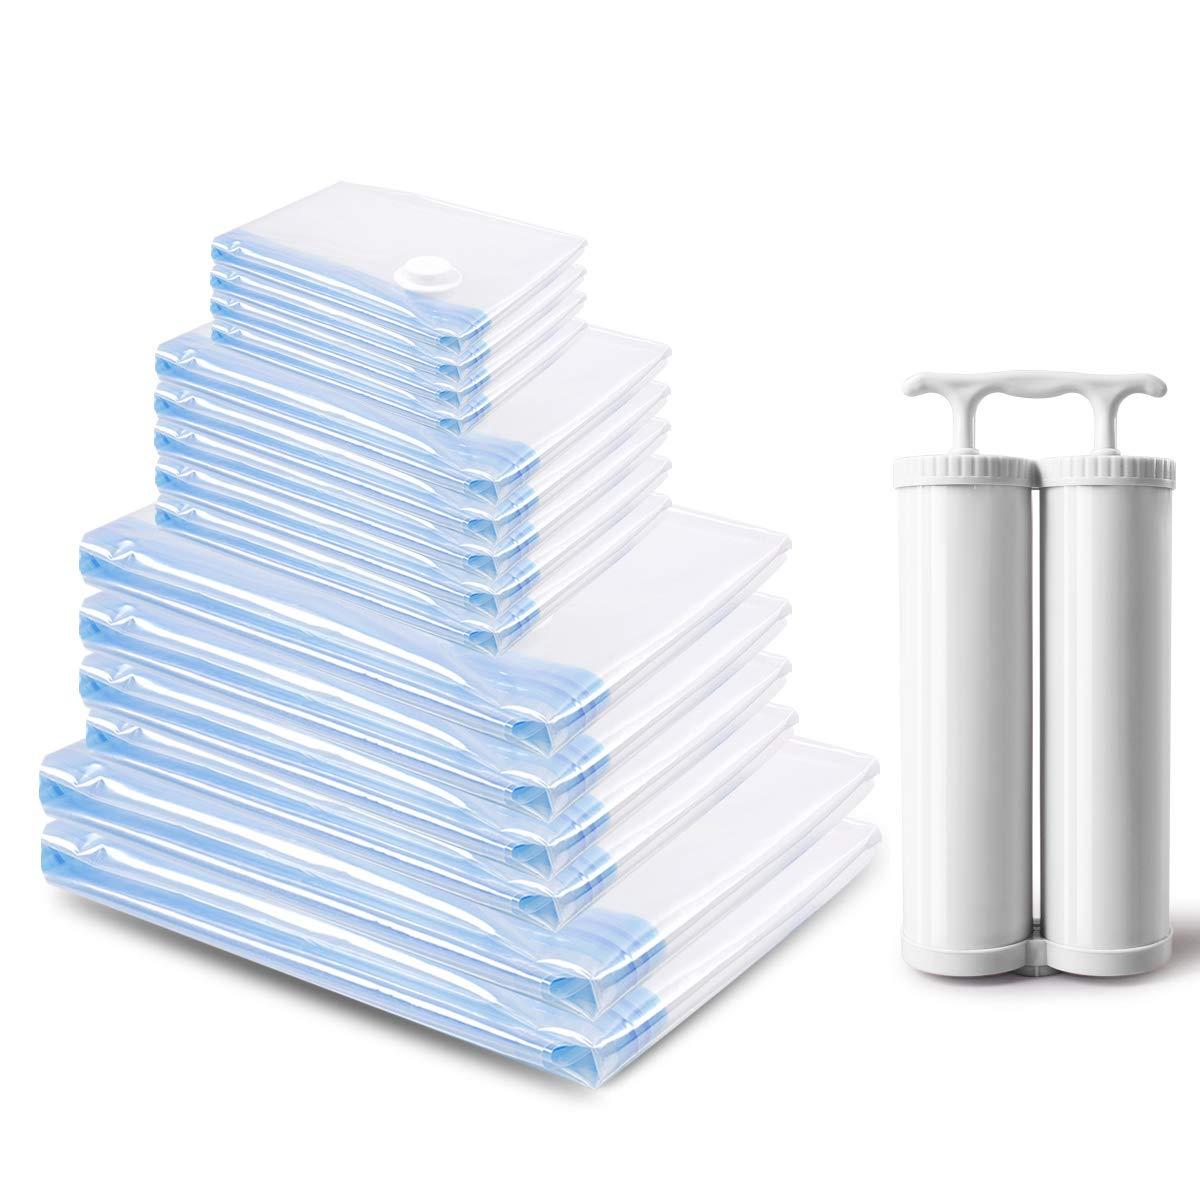 Bolsas de Almacenaje al Vacío – Paquete de 15 Unidades Bolsas para Guardar Ropa, Edredones, Ropa de Cama, Almohadas, Mantas, Cortinas